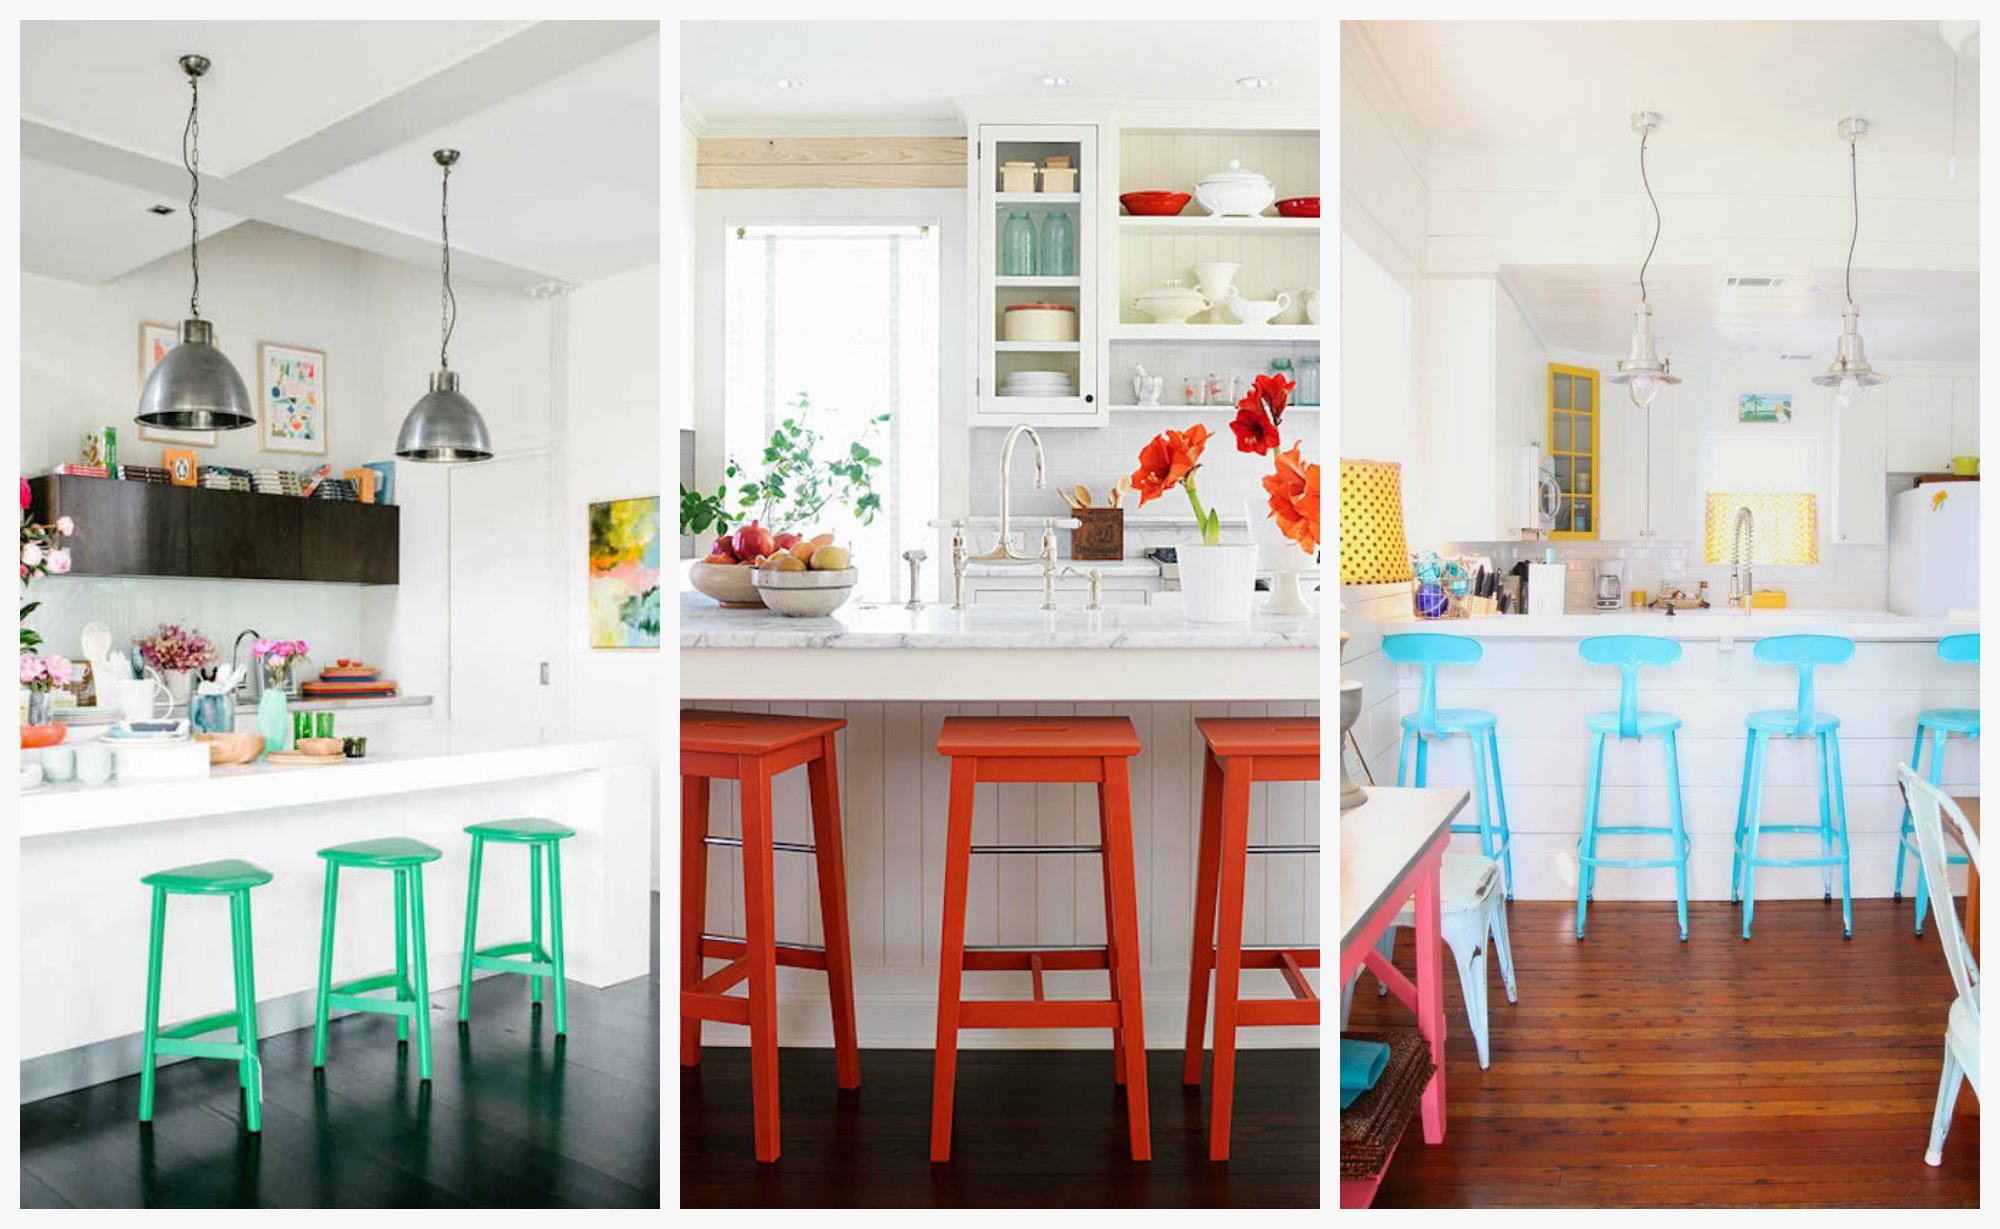 Оригинальные барные стулья ярких оттенков в интерьере кухни